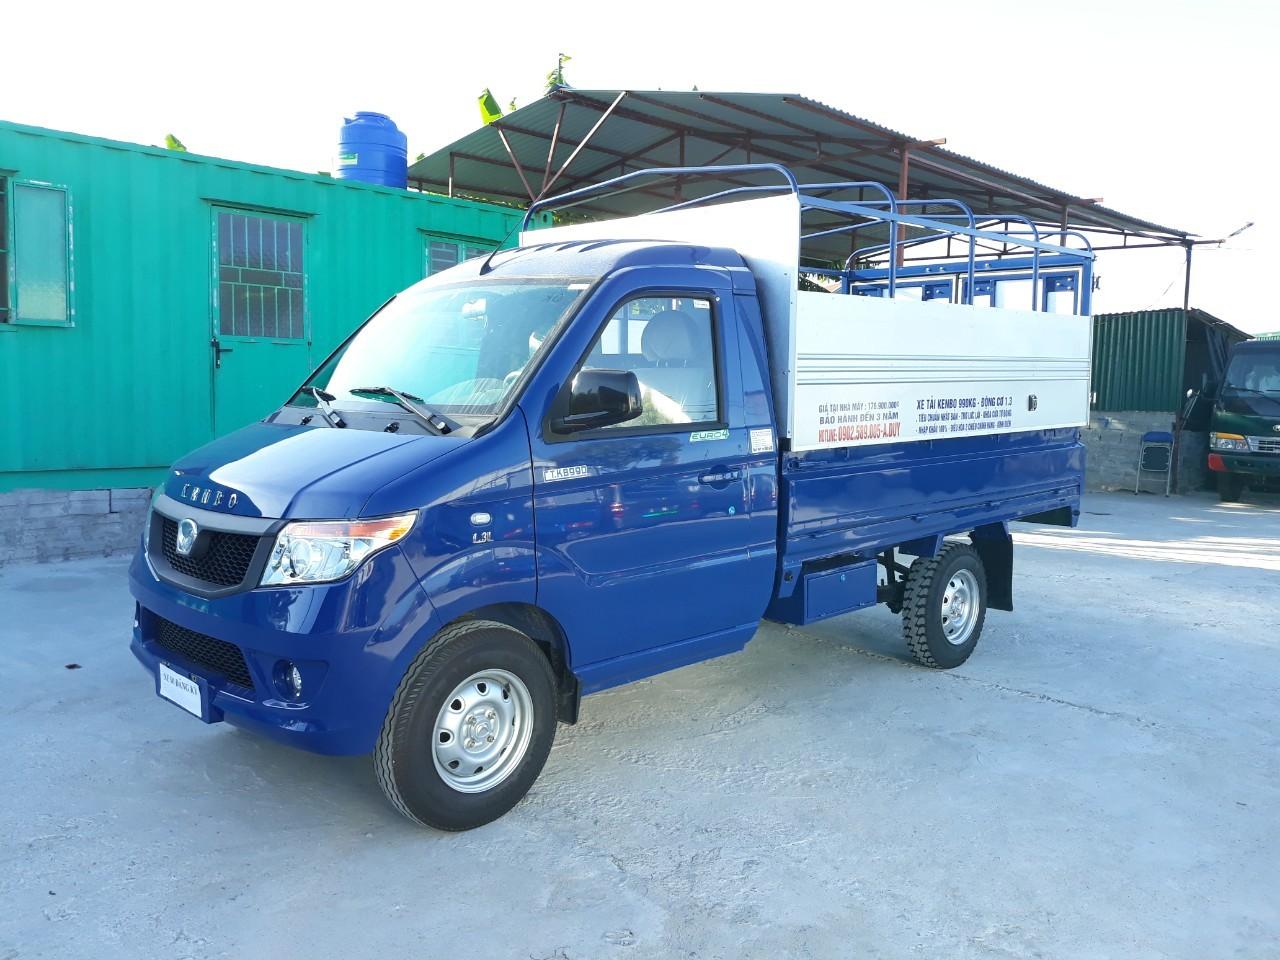 Bán xe tải 500kg - dưới 1 tấn năm 2019, màu xanh lam, 187 triệu